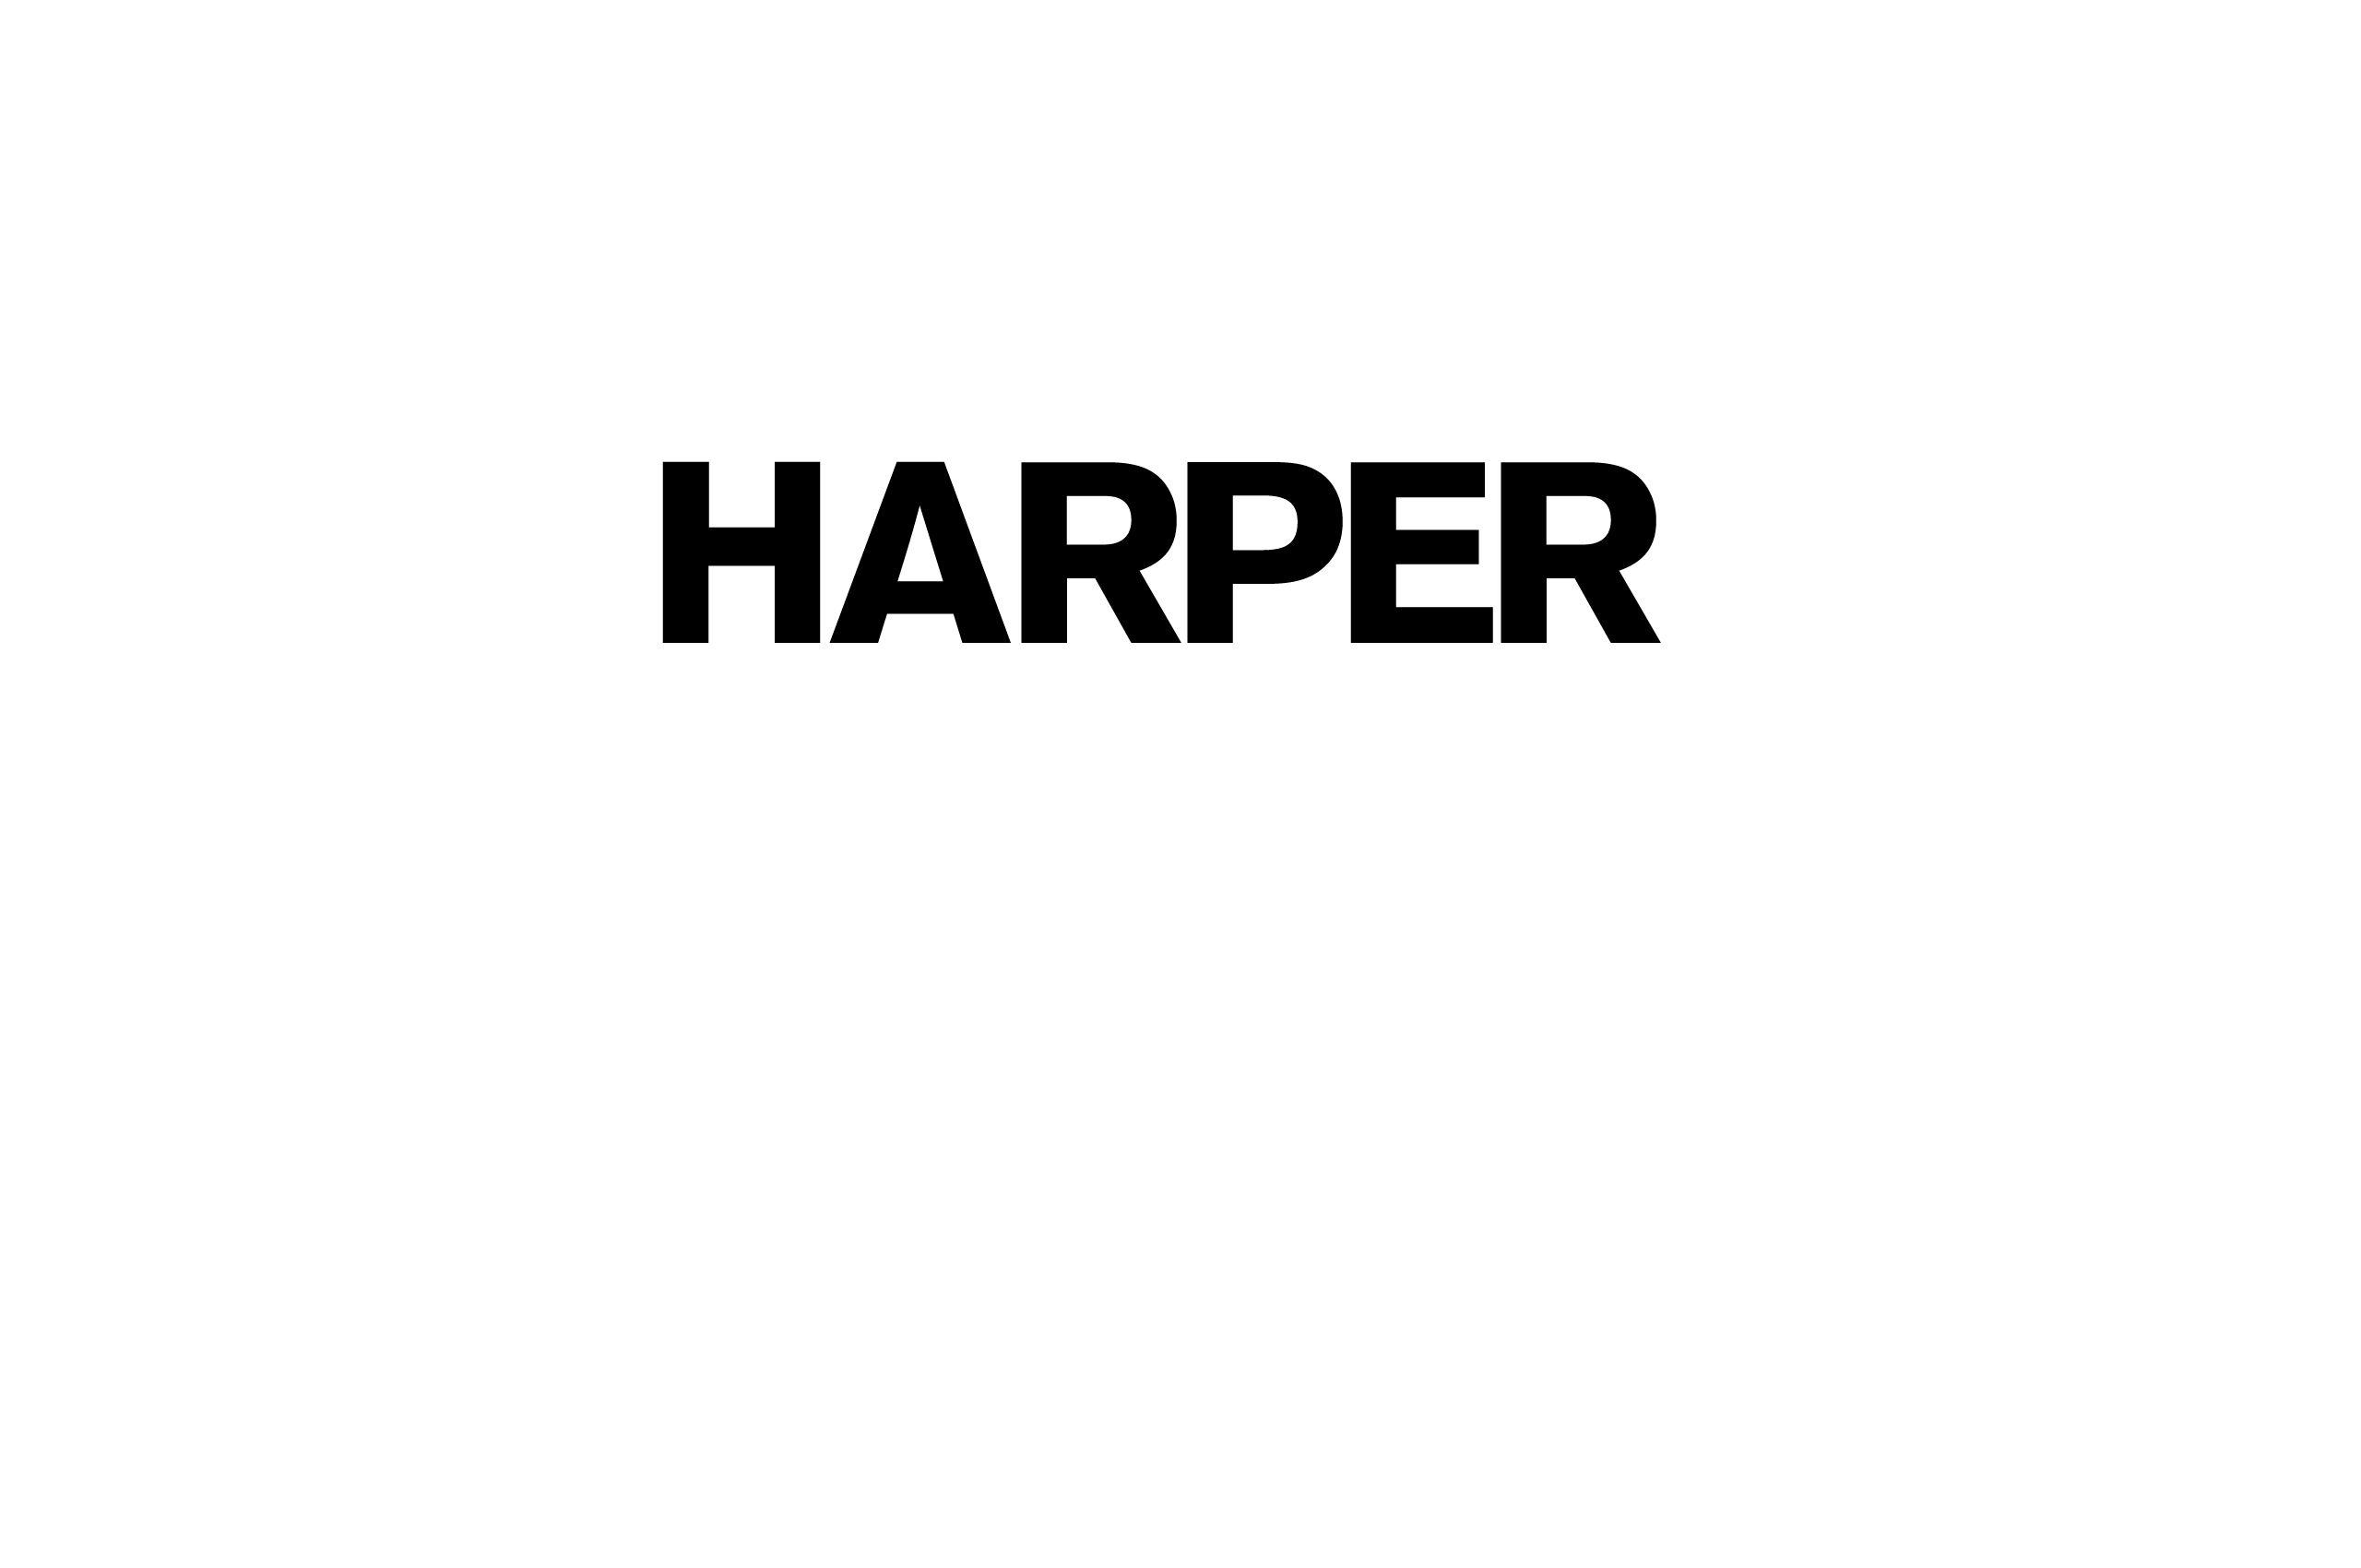 Harper_Logo1_FW.jpg